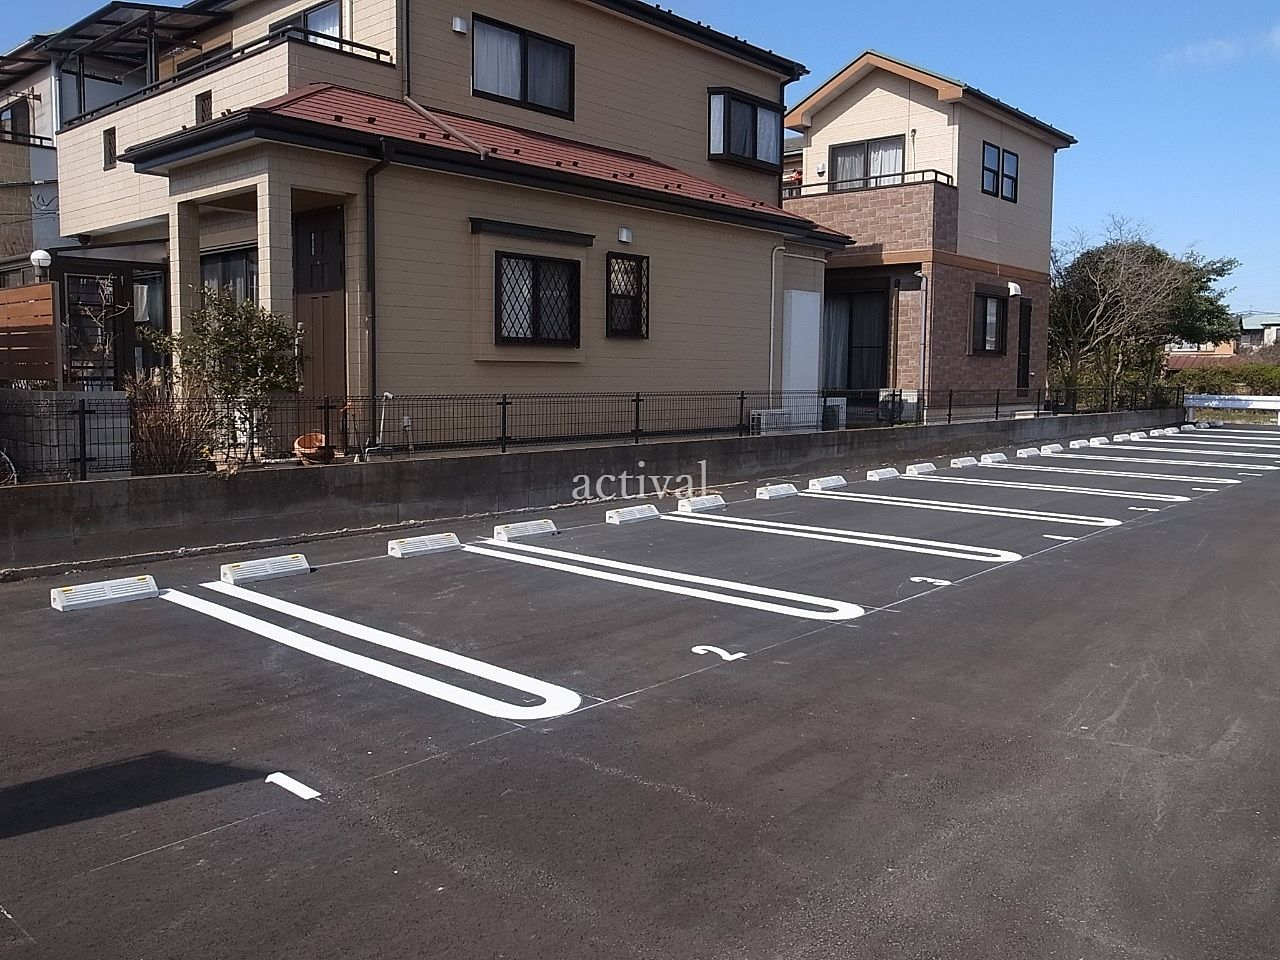 越谷市川柳町にある月極駐車場の川柳町第1駐車場はアスファルト敷きです。